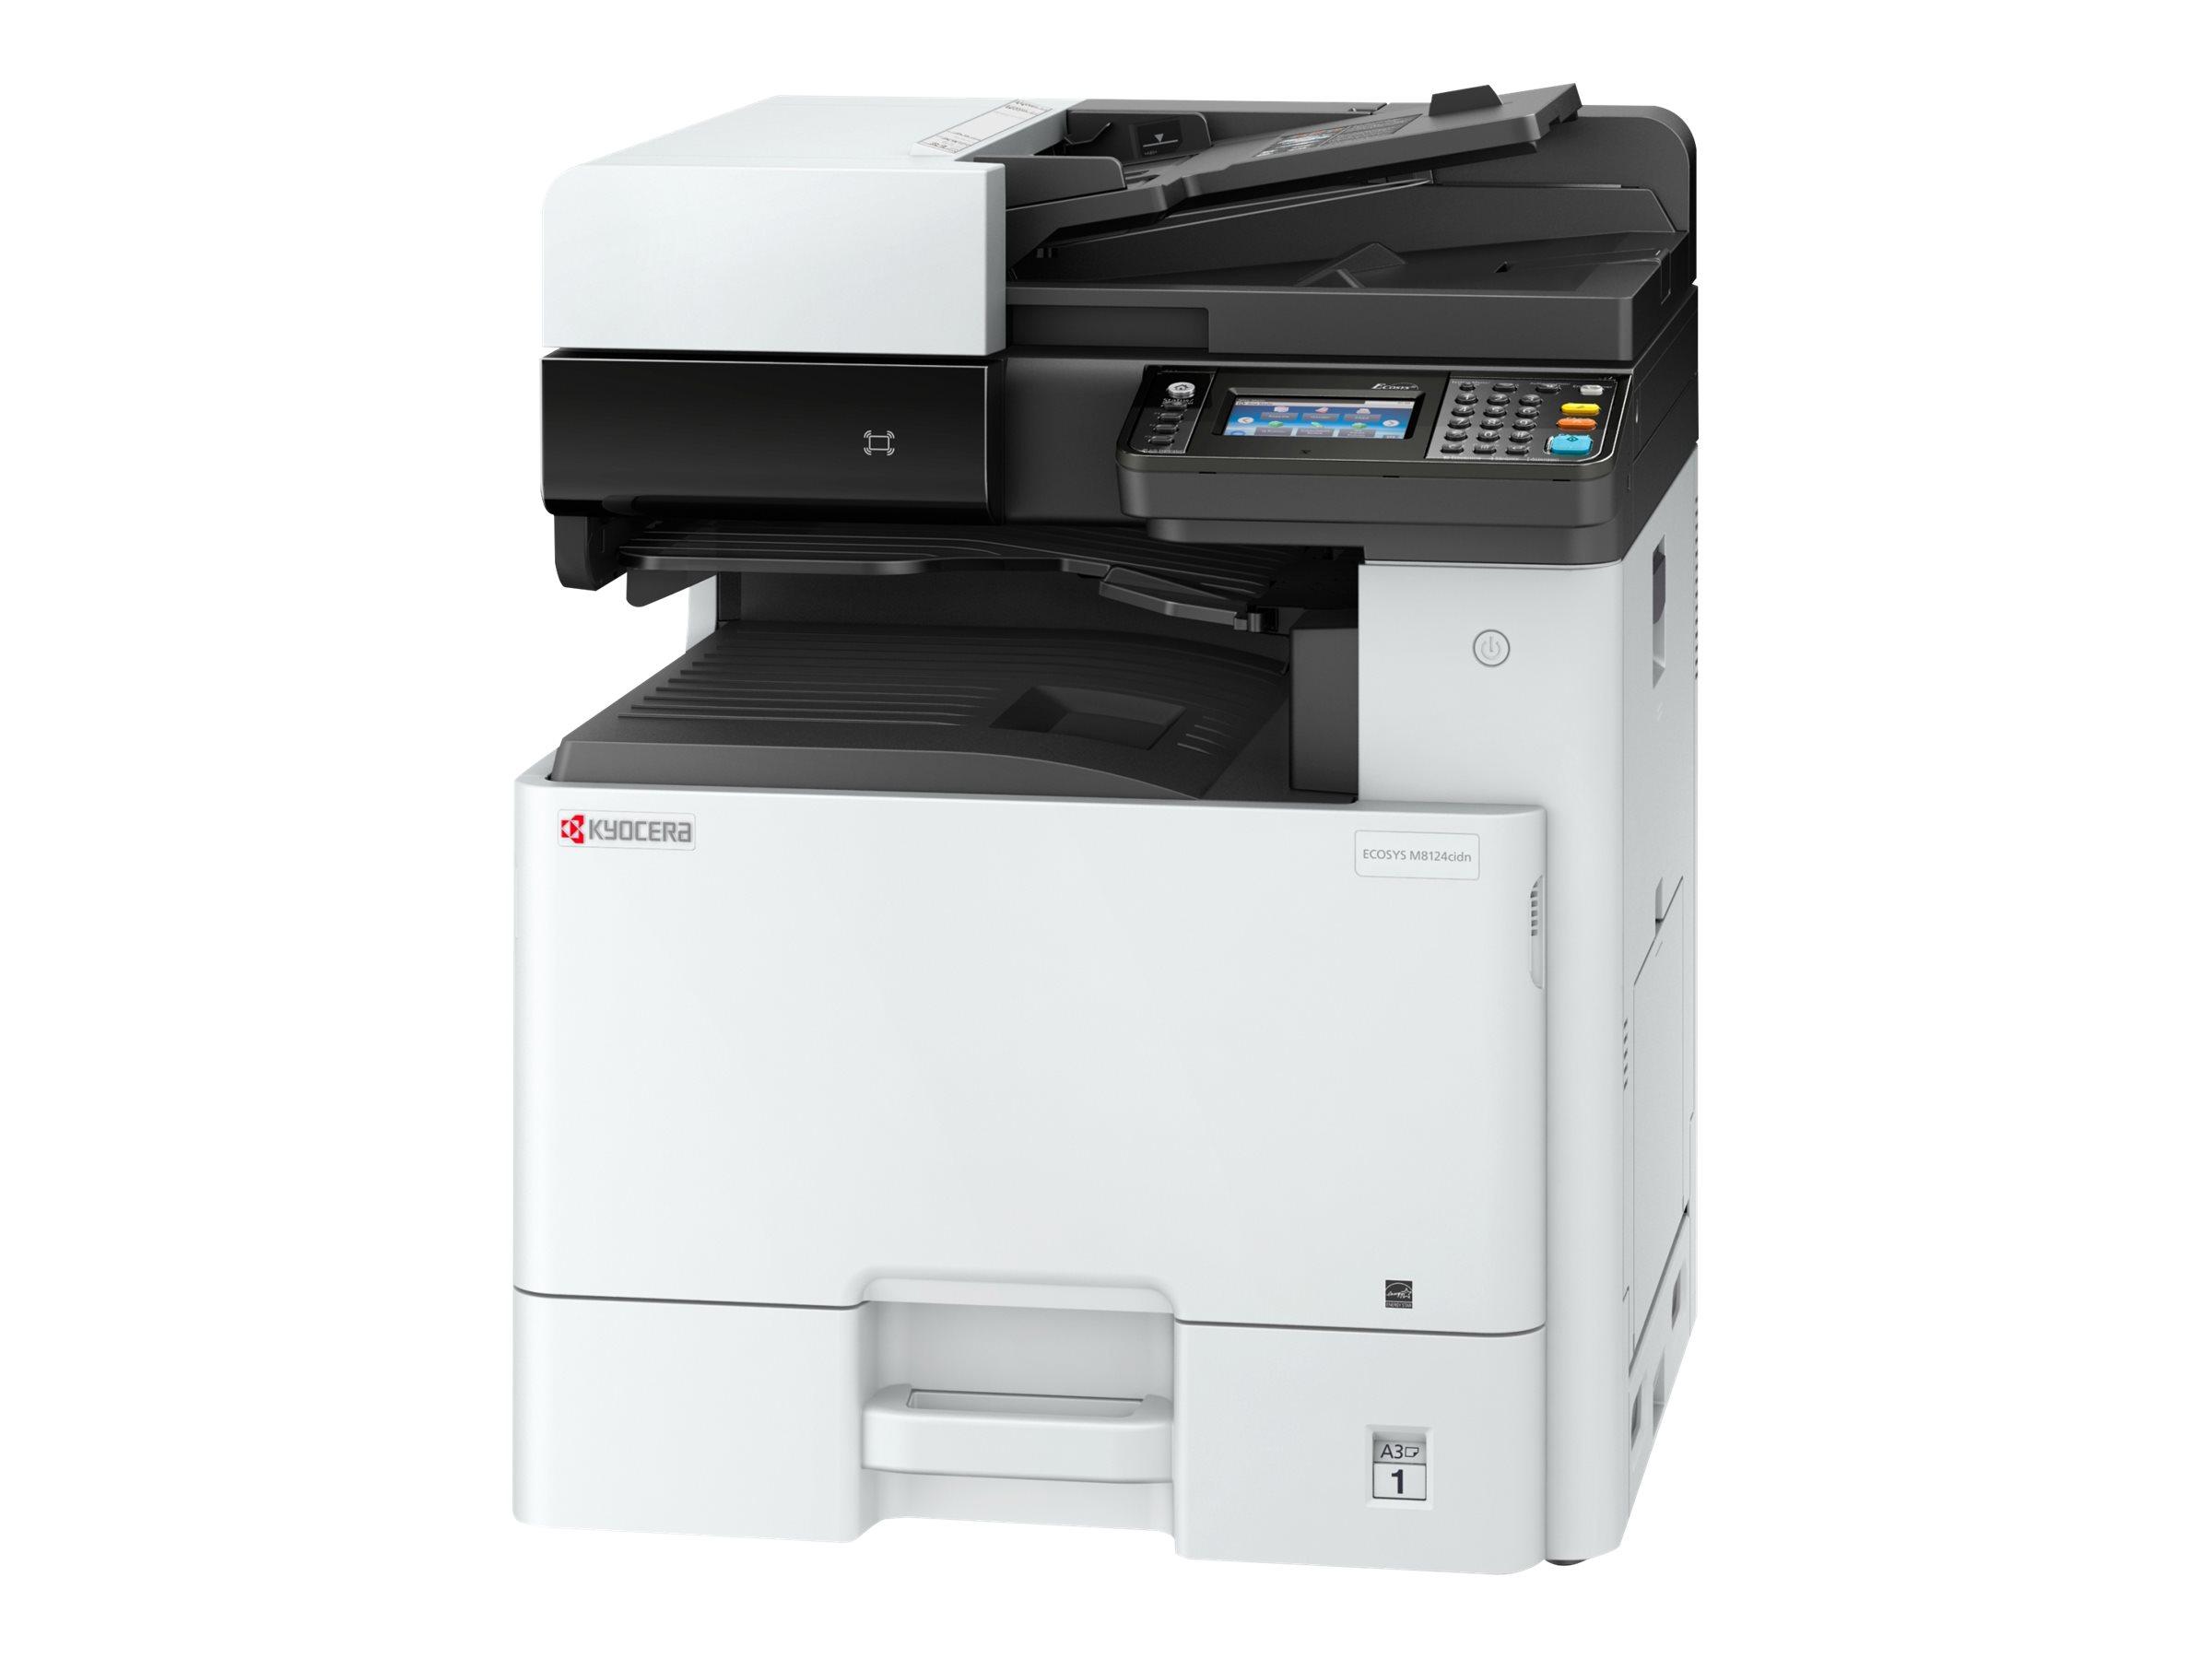 Kyocera ECOSYS M8130cidn - Multifunktionsdrucker - Farbe - Laser - A3 (297 x 420 mm)